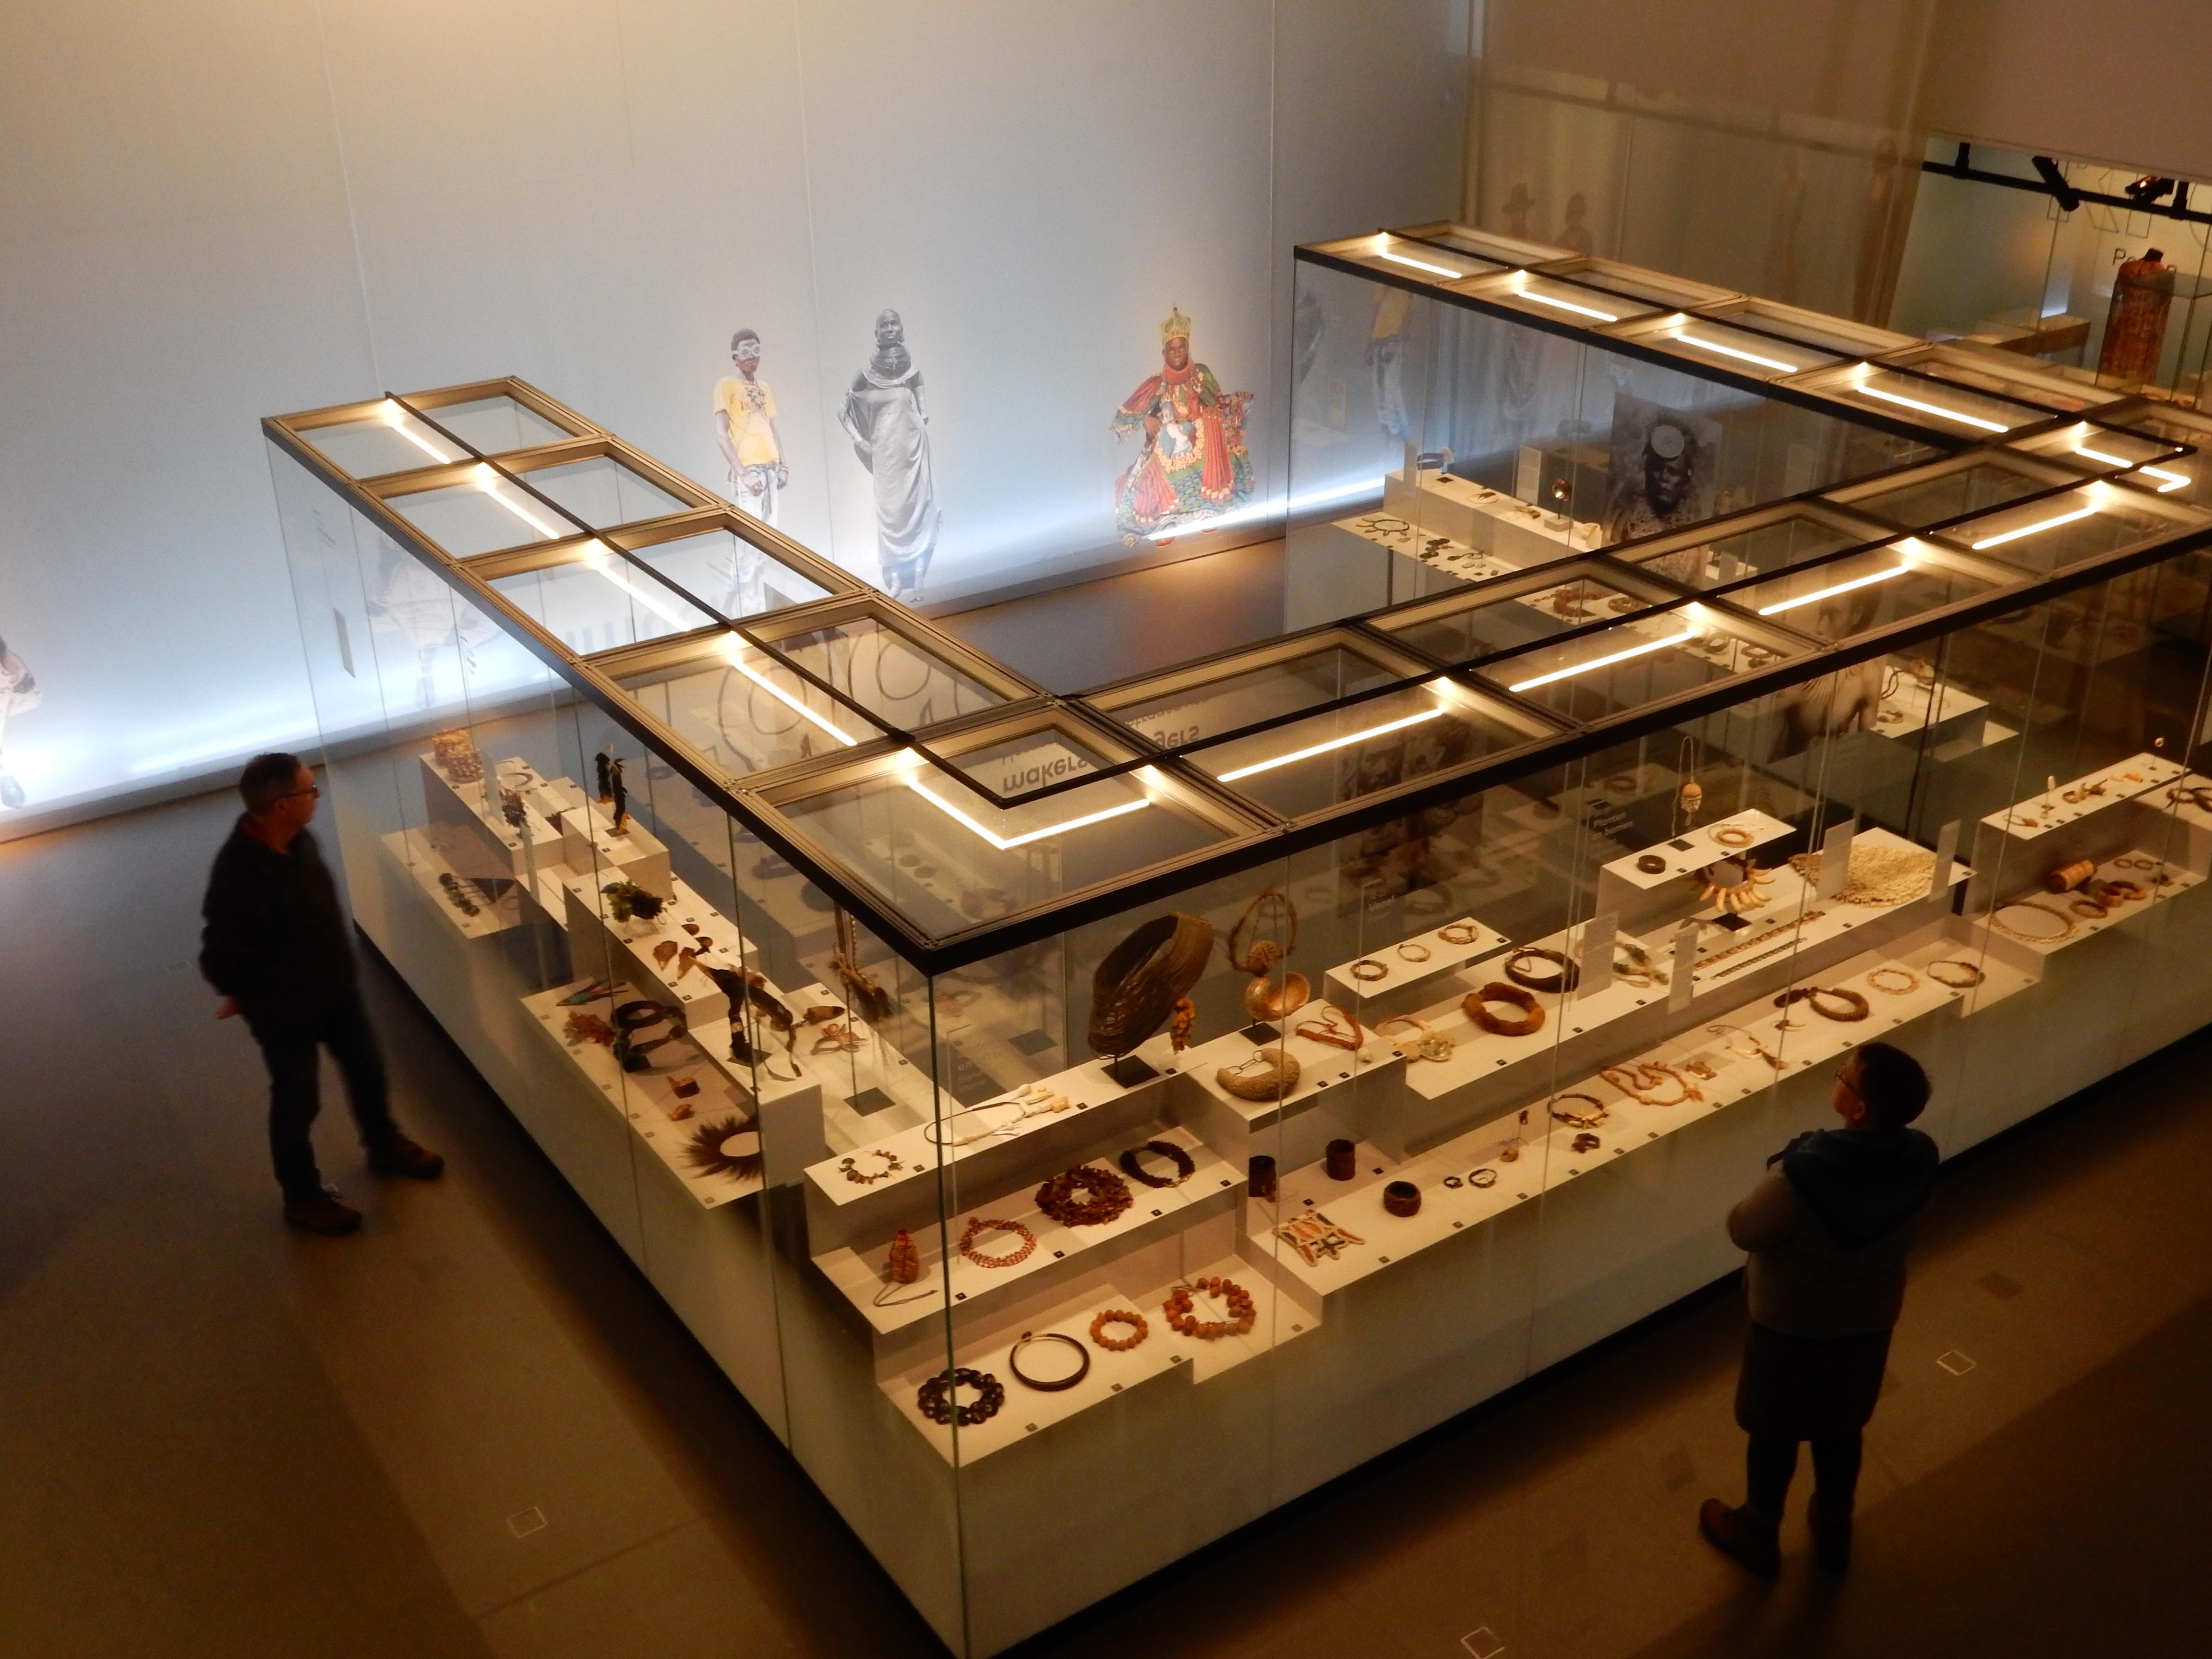 Sieraden, makers en dragers, Afrika Museum, Berg en Dal. Foto met dank aan Coert Peter Krabbe, 2018, CC BY 4.0